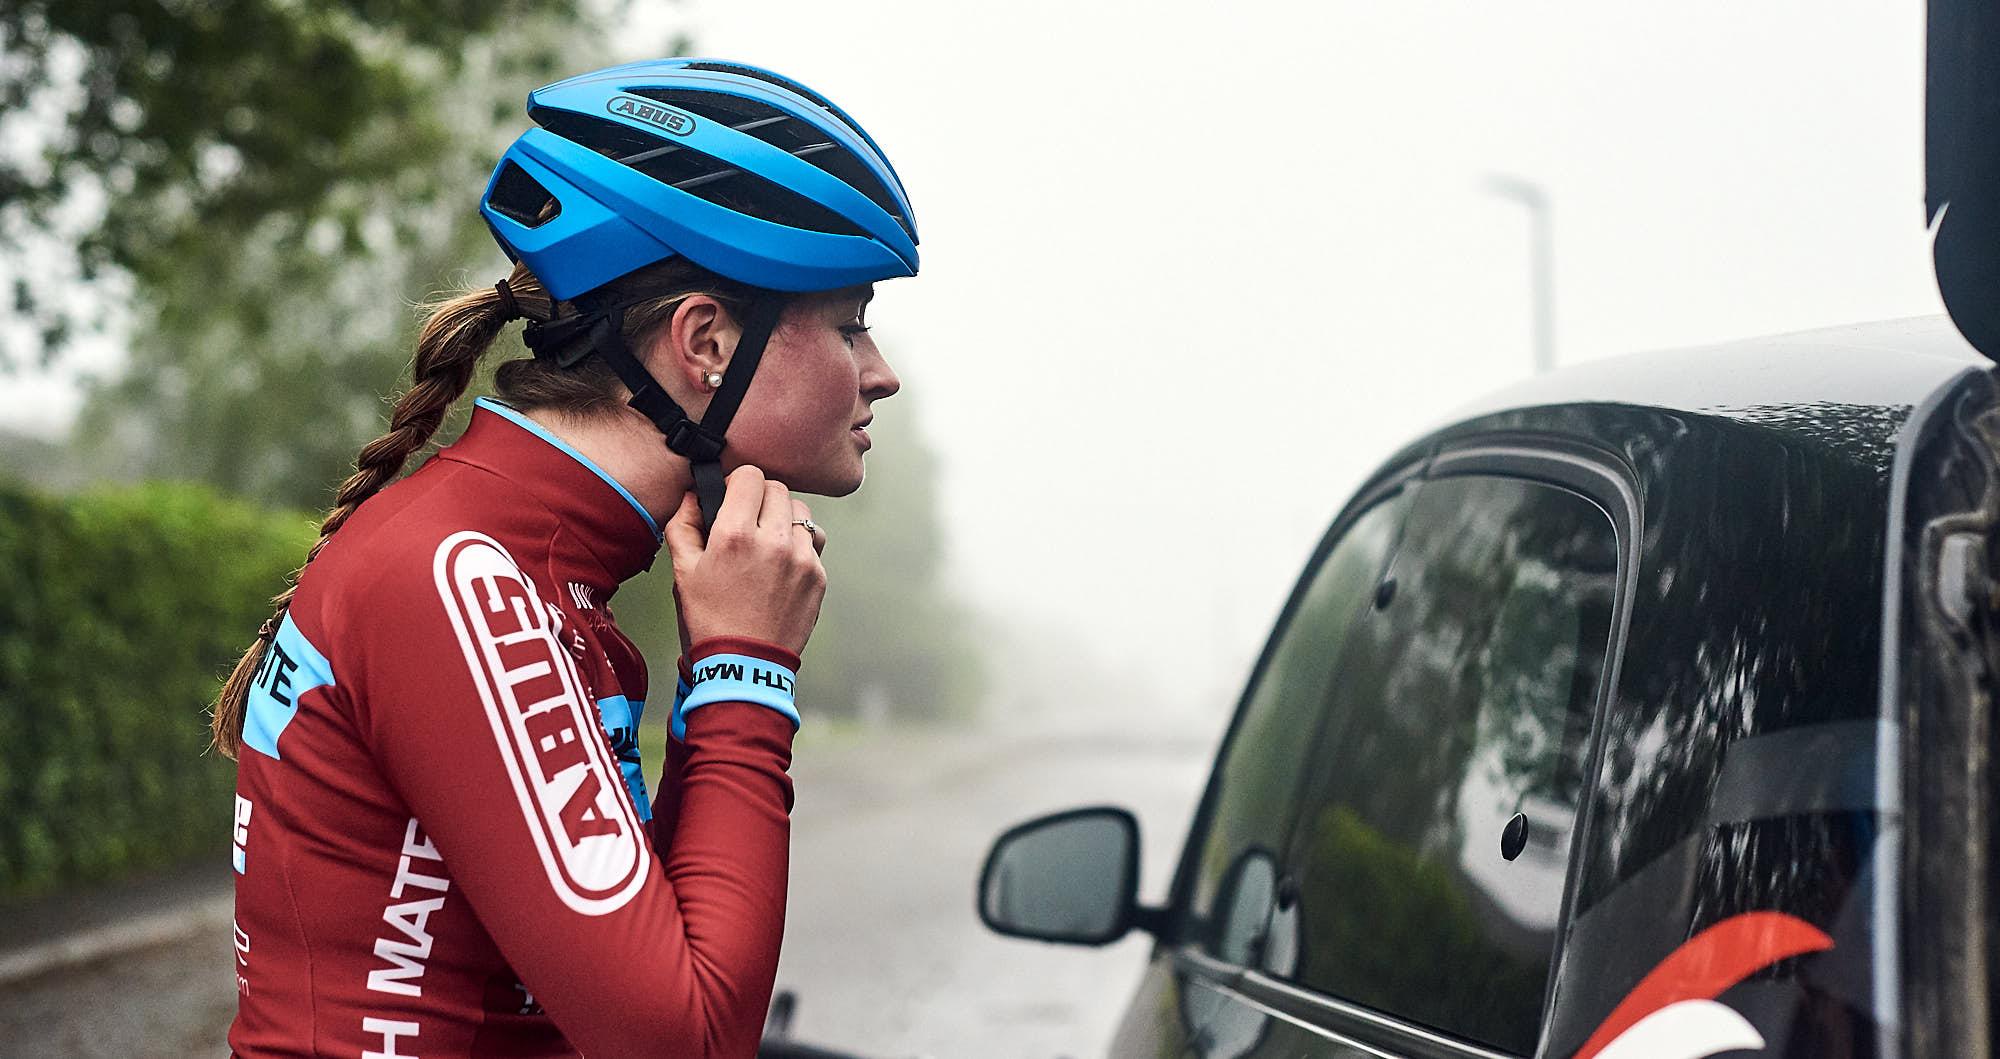 Cyclist Elodie Kuijper fixing her helmet